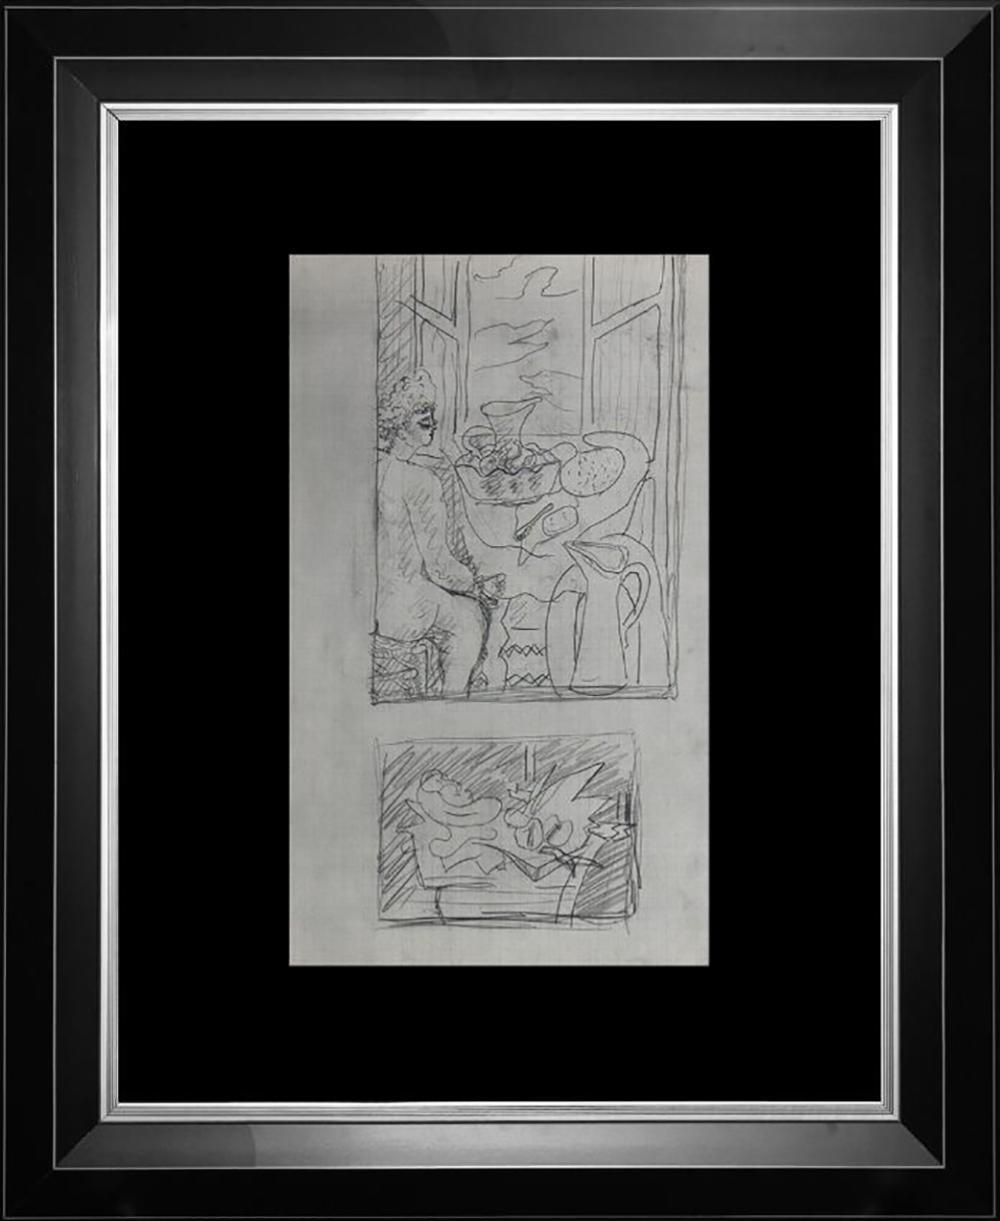 1926 Pablo Picasso Original Lithograph Dessins.